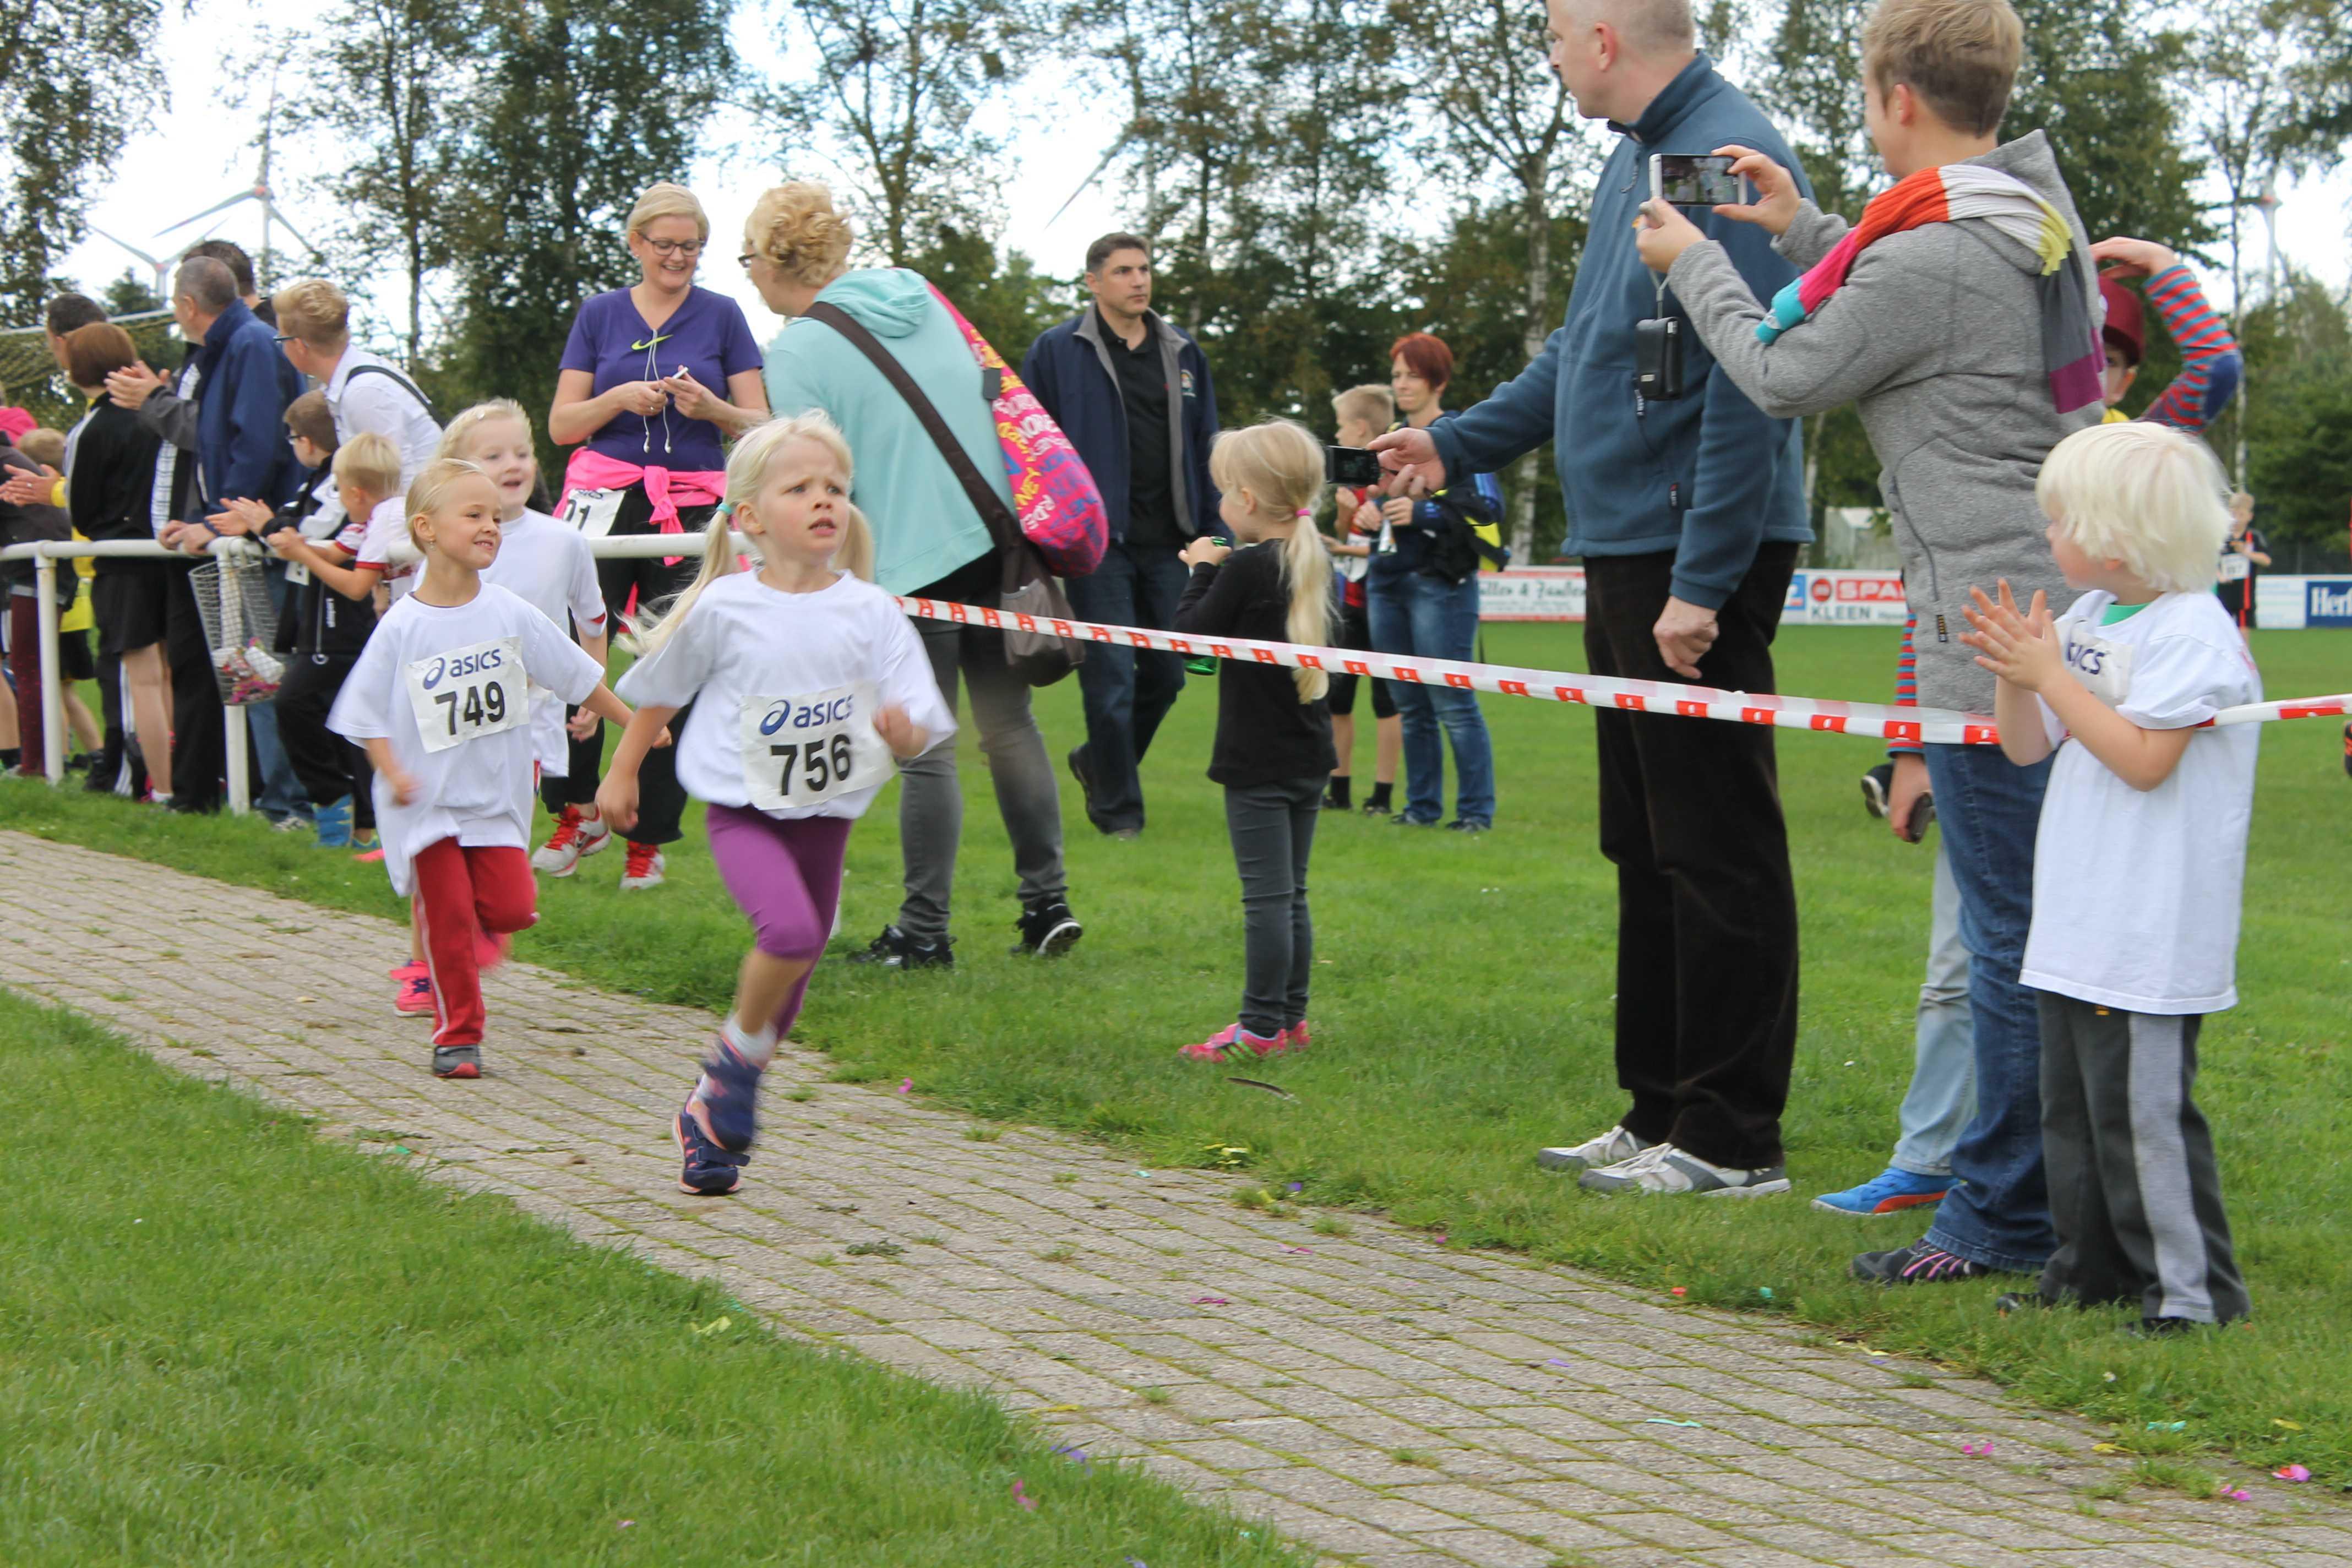 2015-09-26 Vezi Lauf (223)